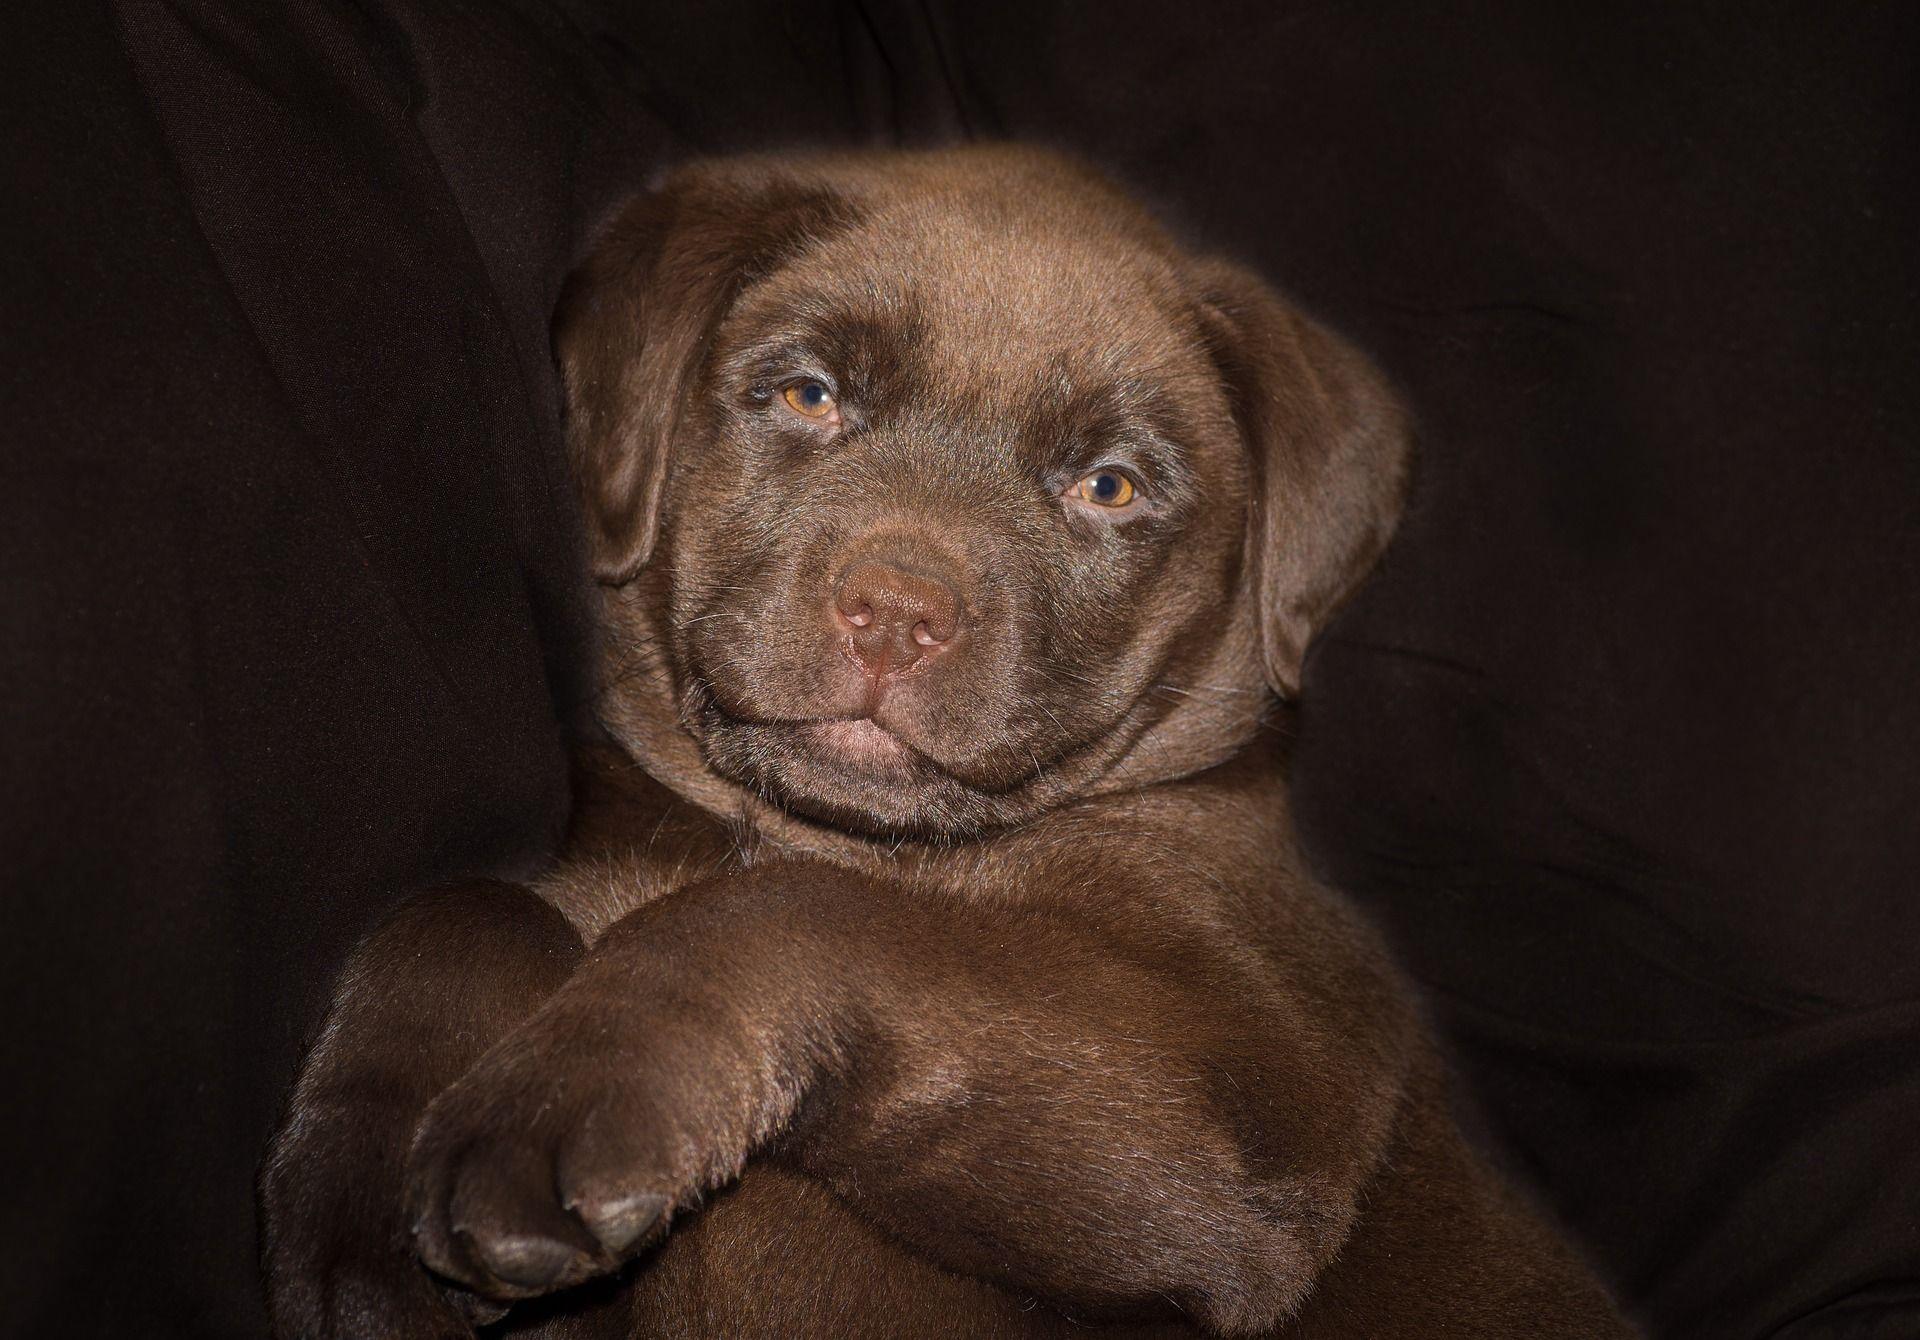 Labrador Braun 10 Fakten Die Sie Wissen Mussen Labrador Braun Hunde Labrador Retriever